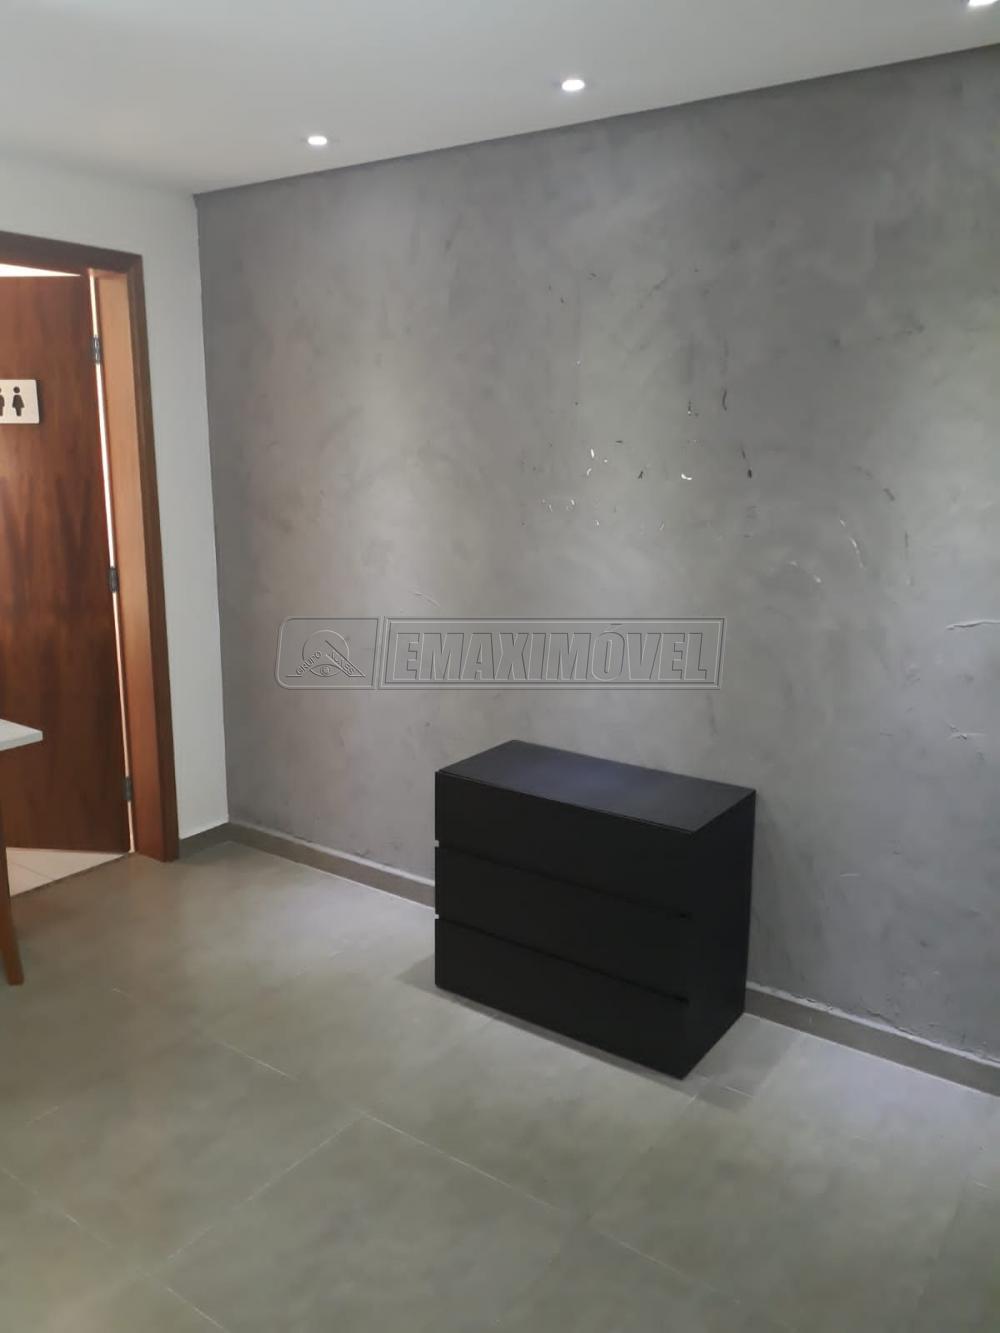 Alugar Sala Comercial / em Condomínio em Sorocaba R$ 1.200,00 - Foto 6